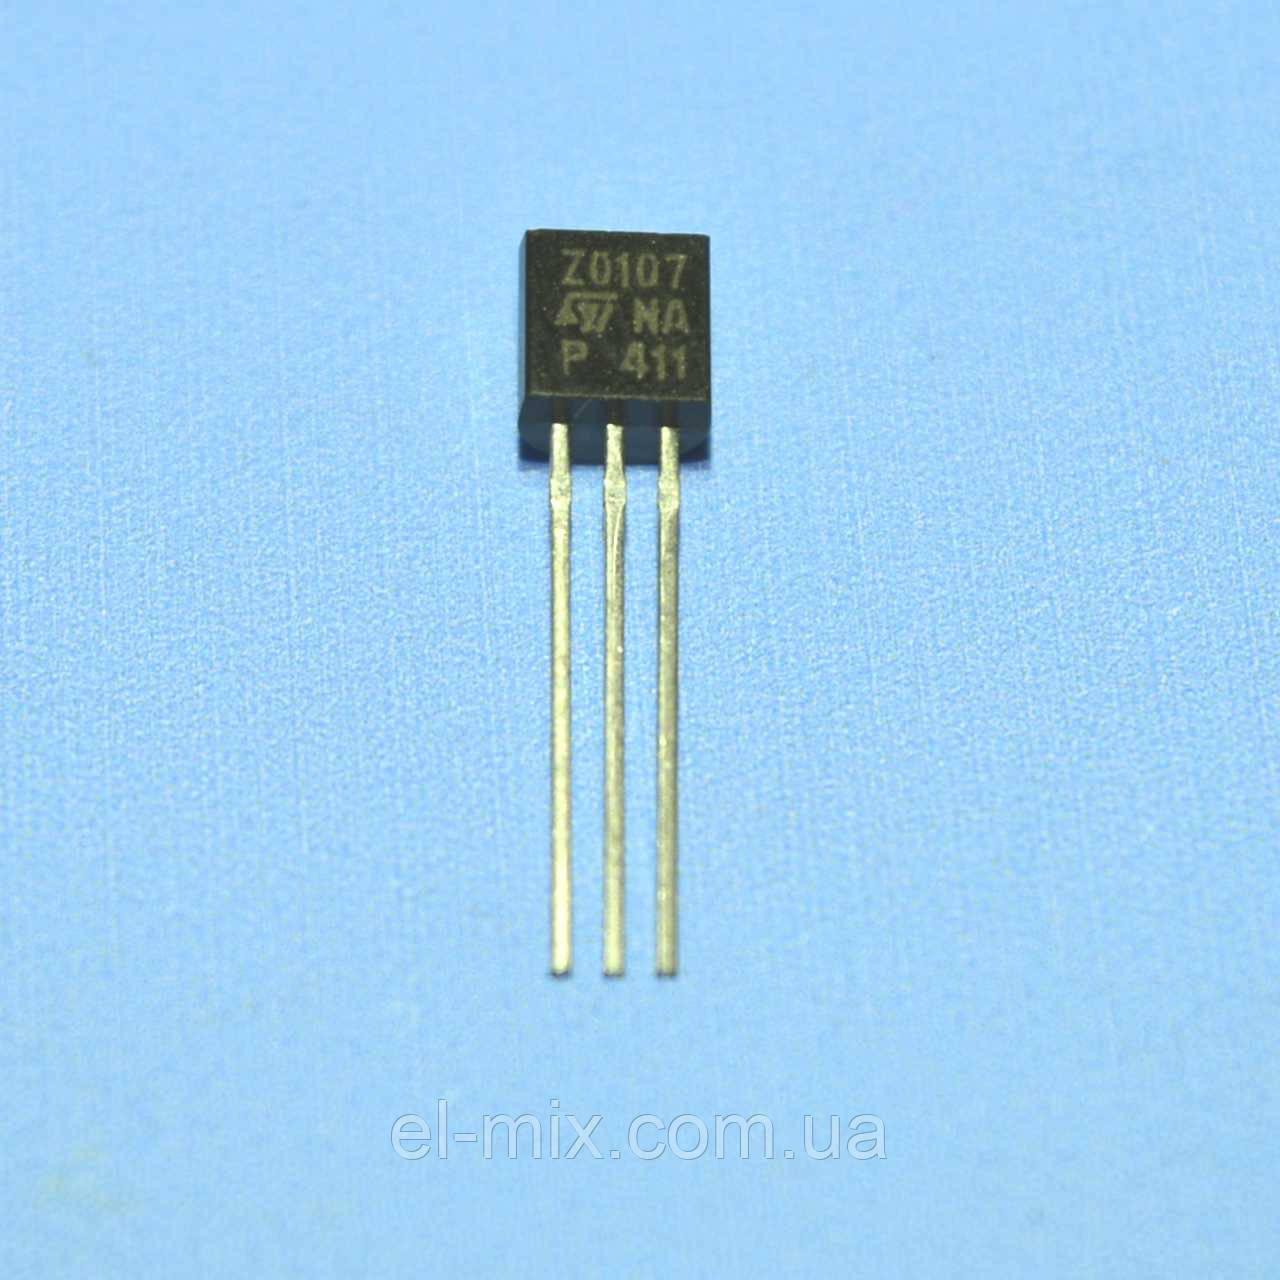 Симистор Z0107MA  TO-92  STM